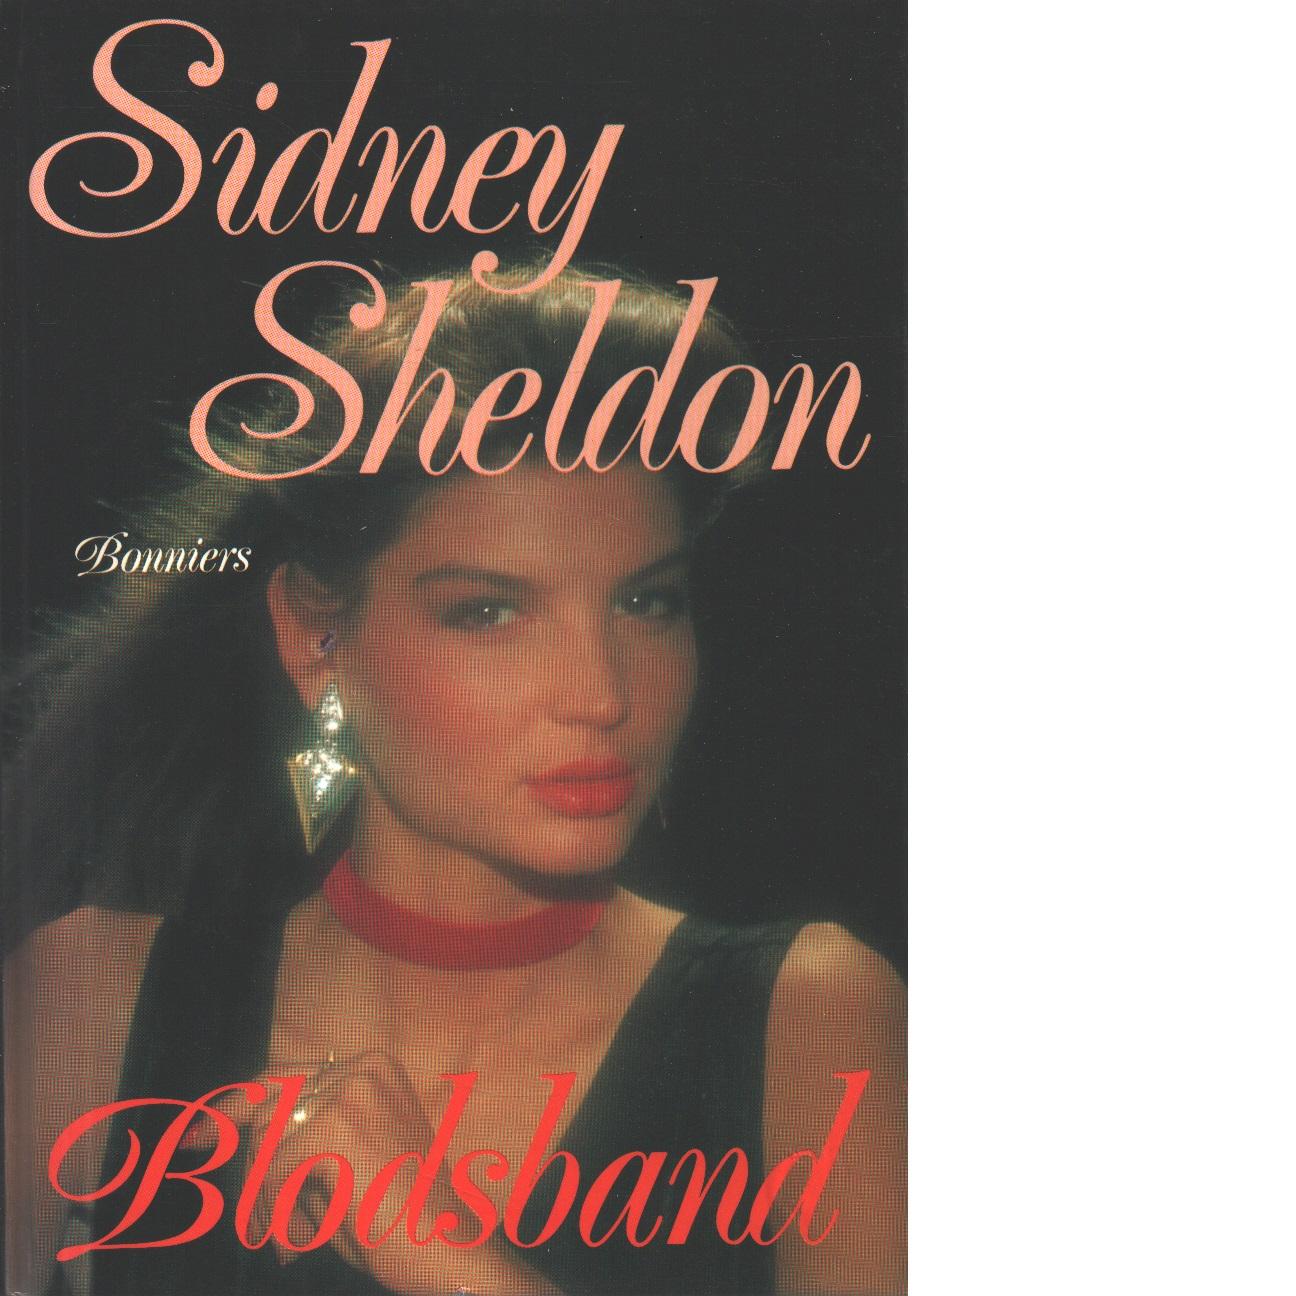 Blodsband - Sheldon, Sidney